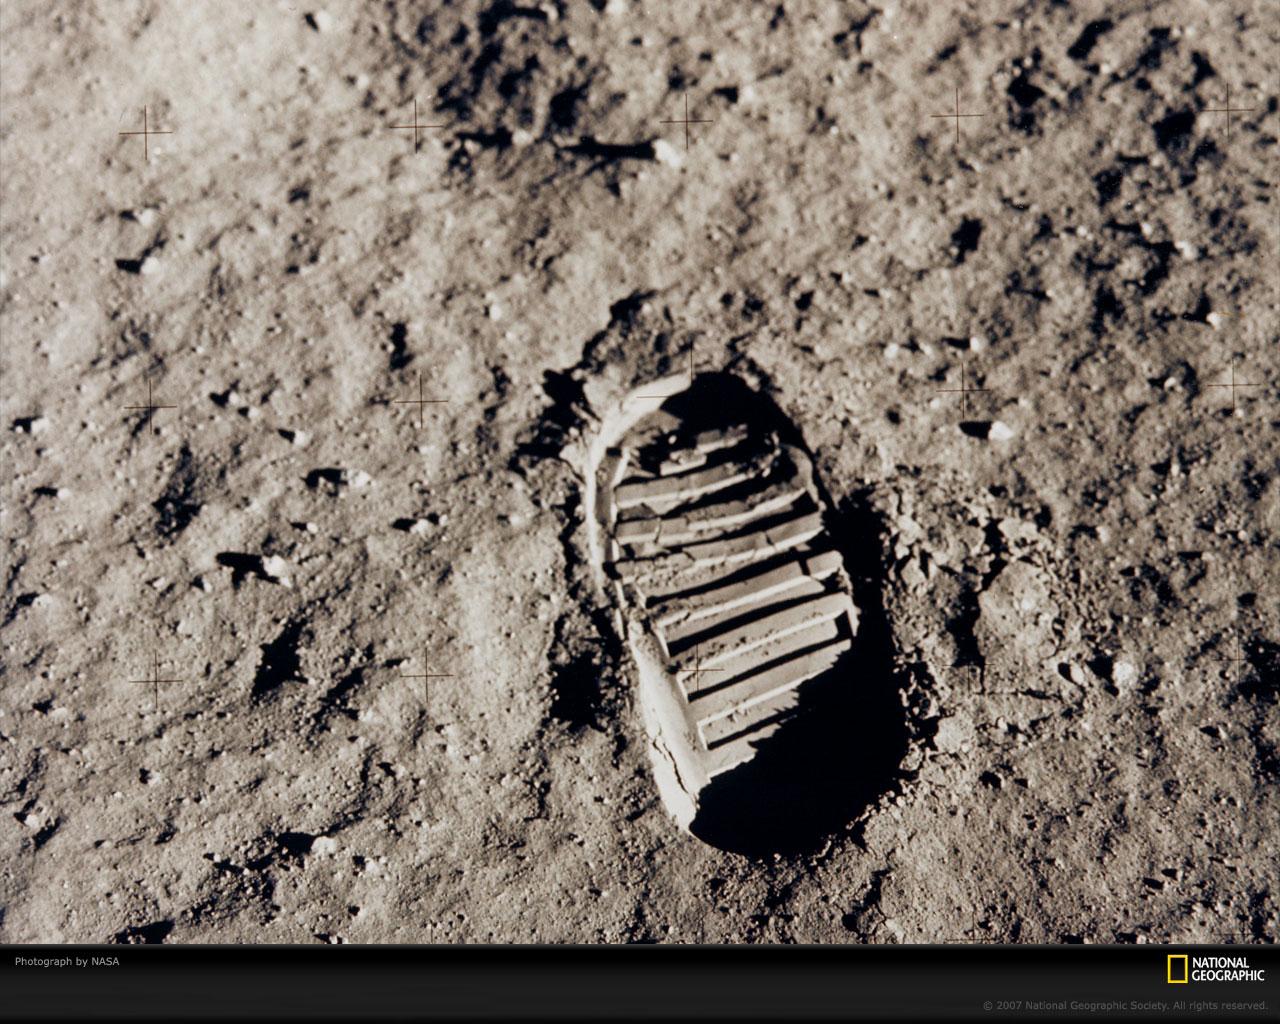 Footprint moon